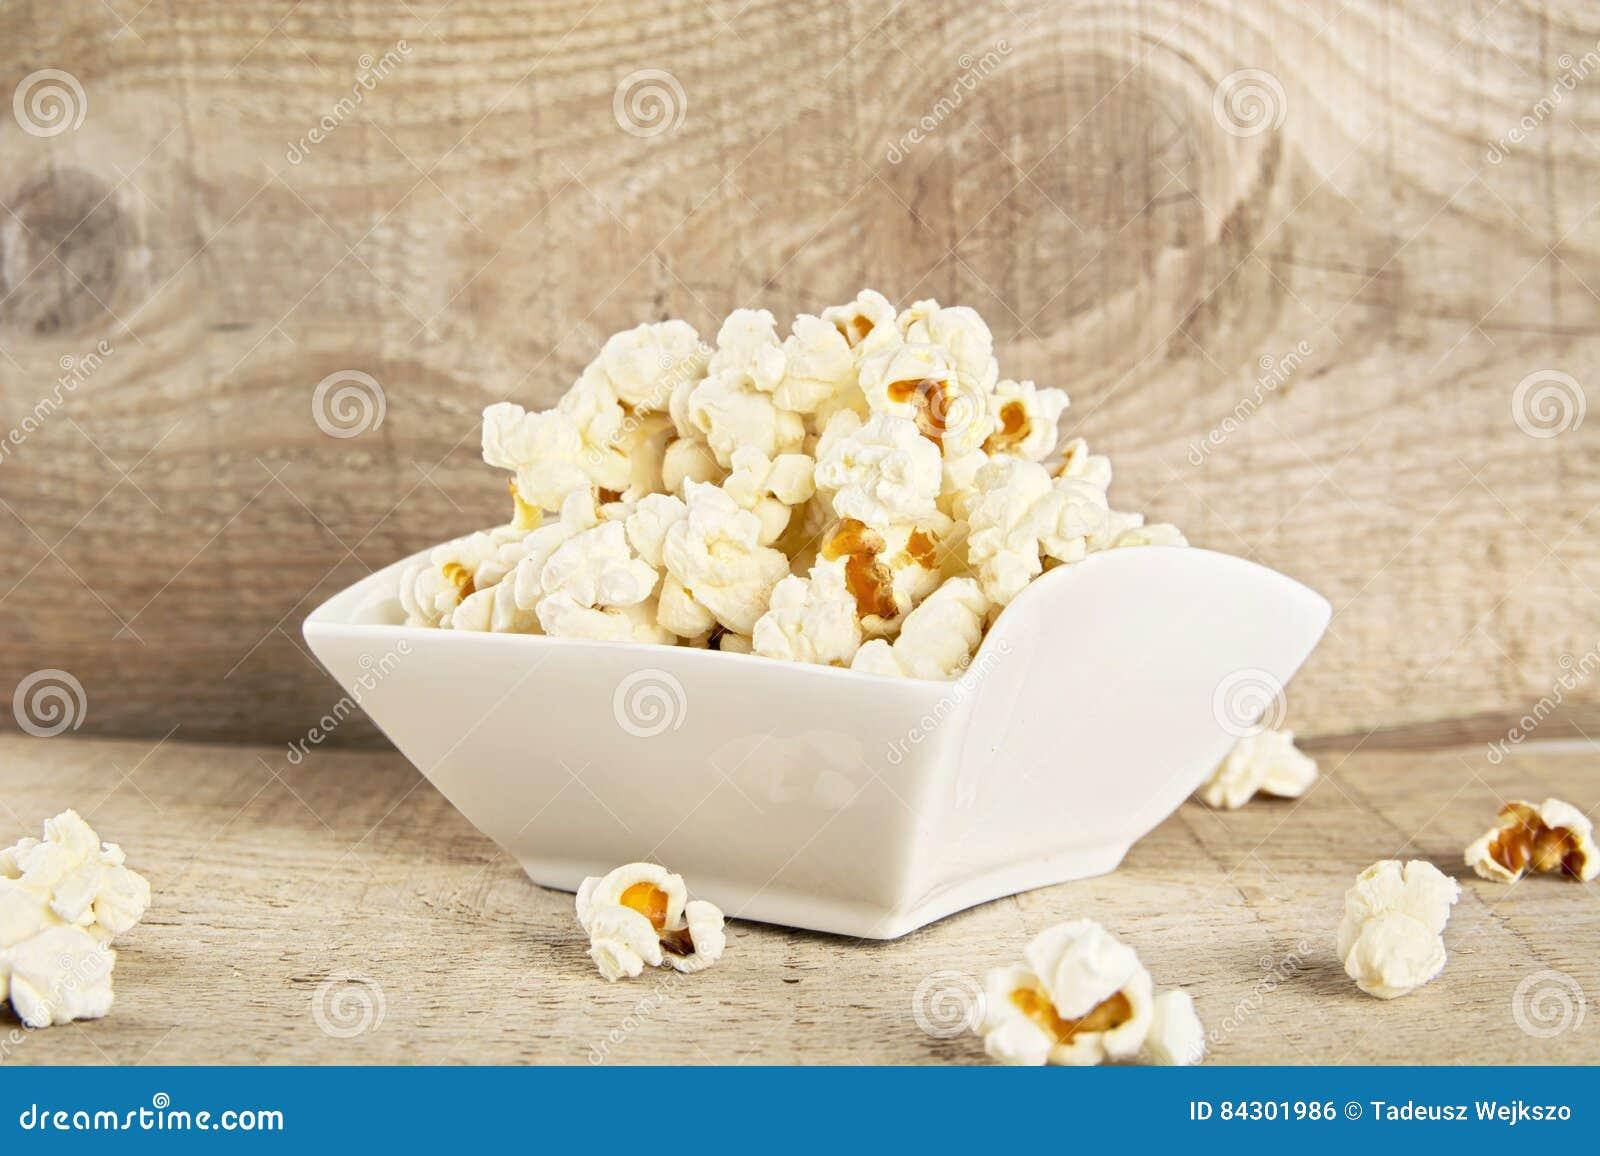 Komhoogtepunt van popcorn op houten achtergrond